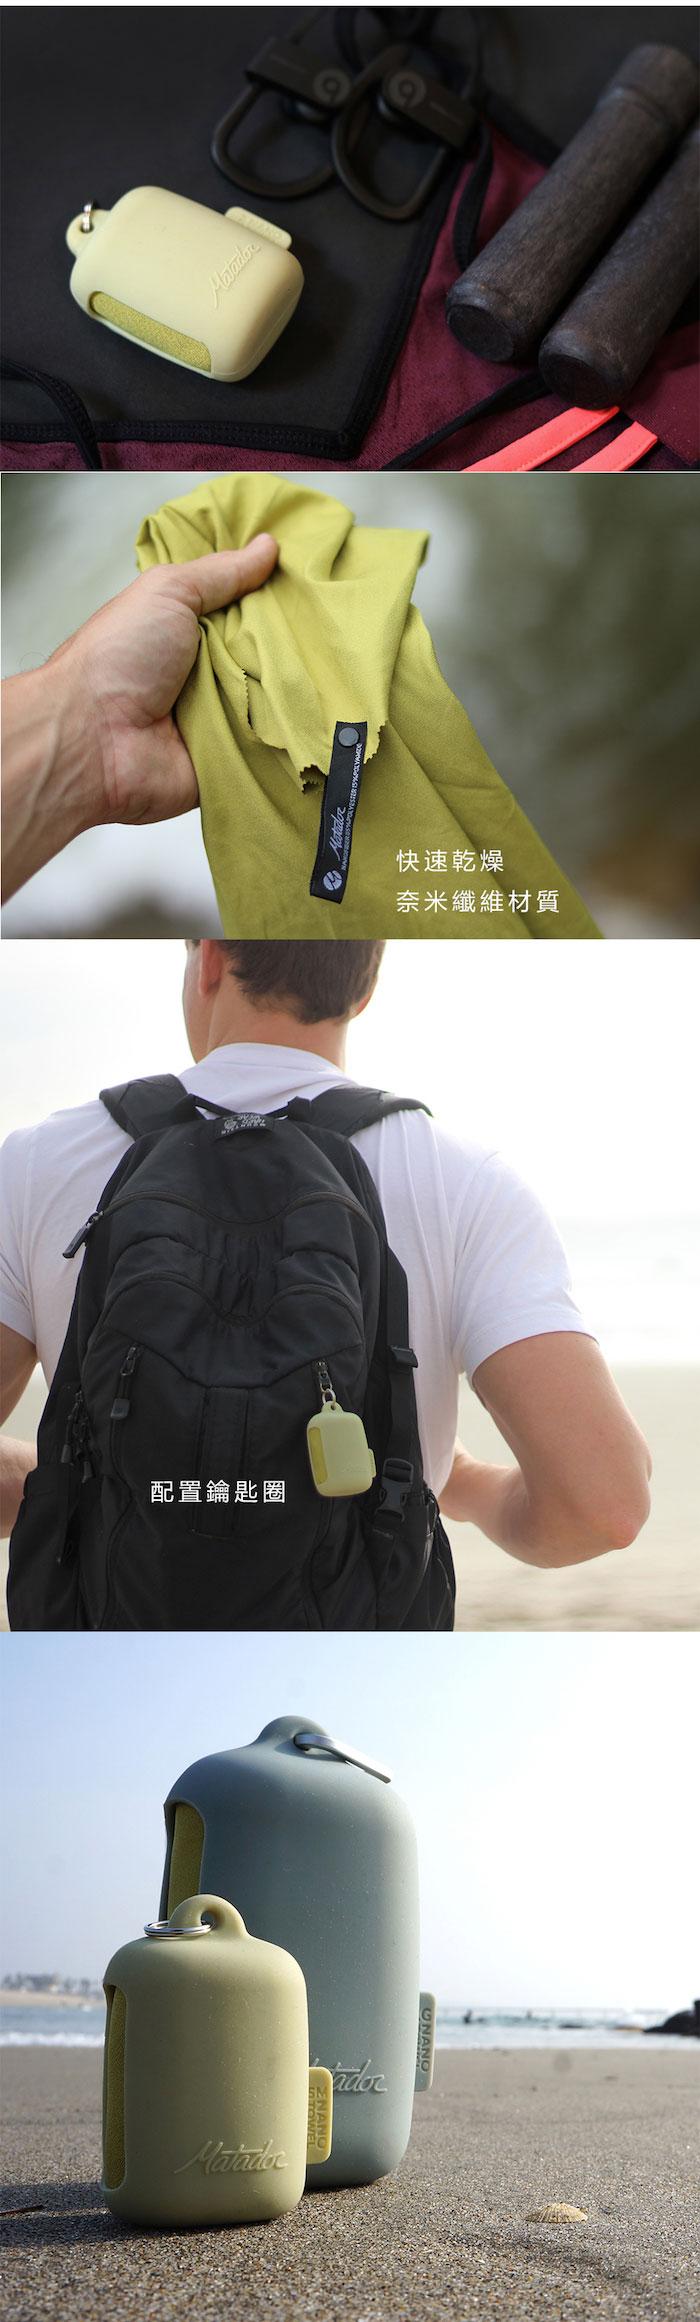 (複製)Matador|NanoDry Trek Towel 口袋型奈米快乾毛巾(L)- 黃色